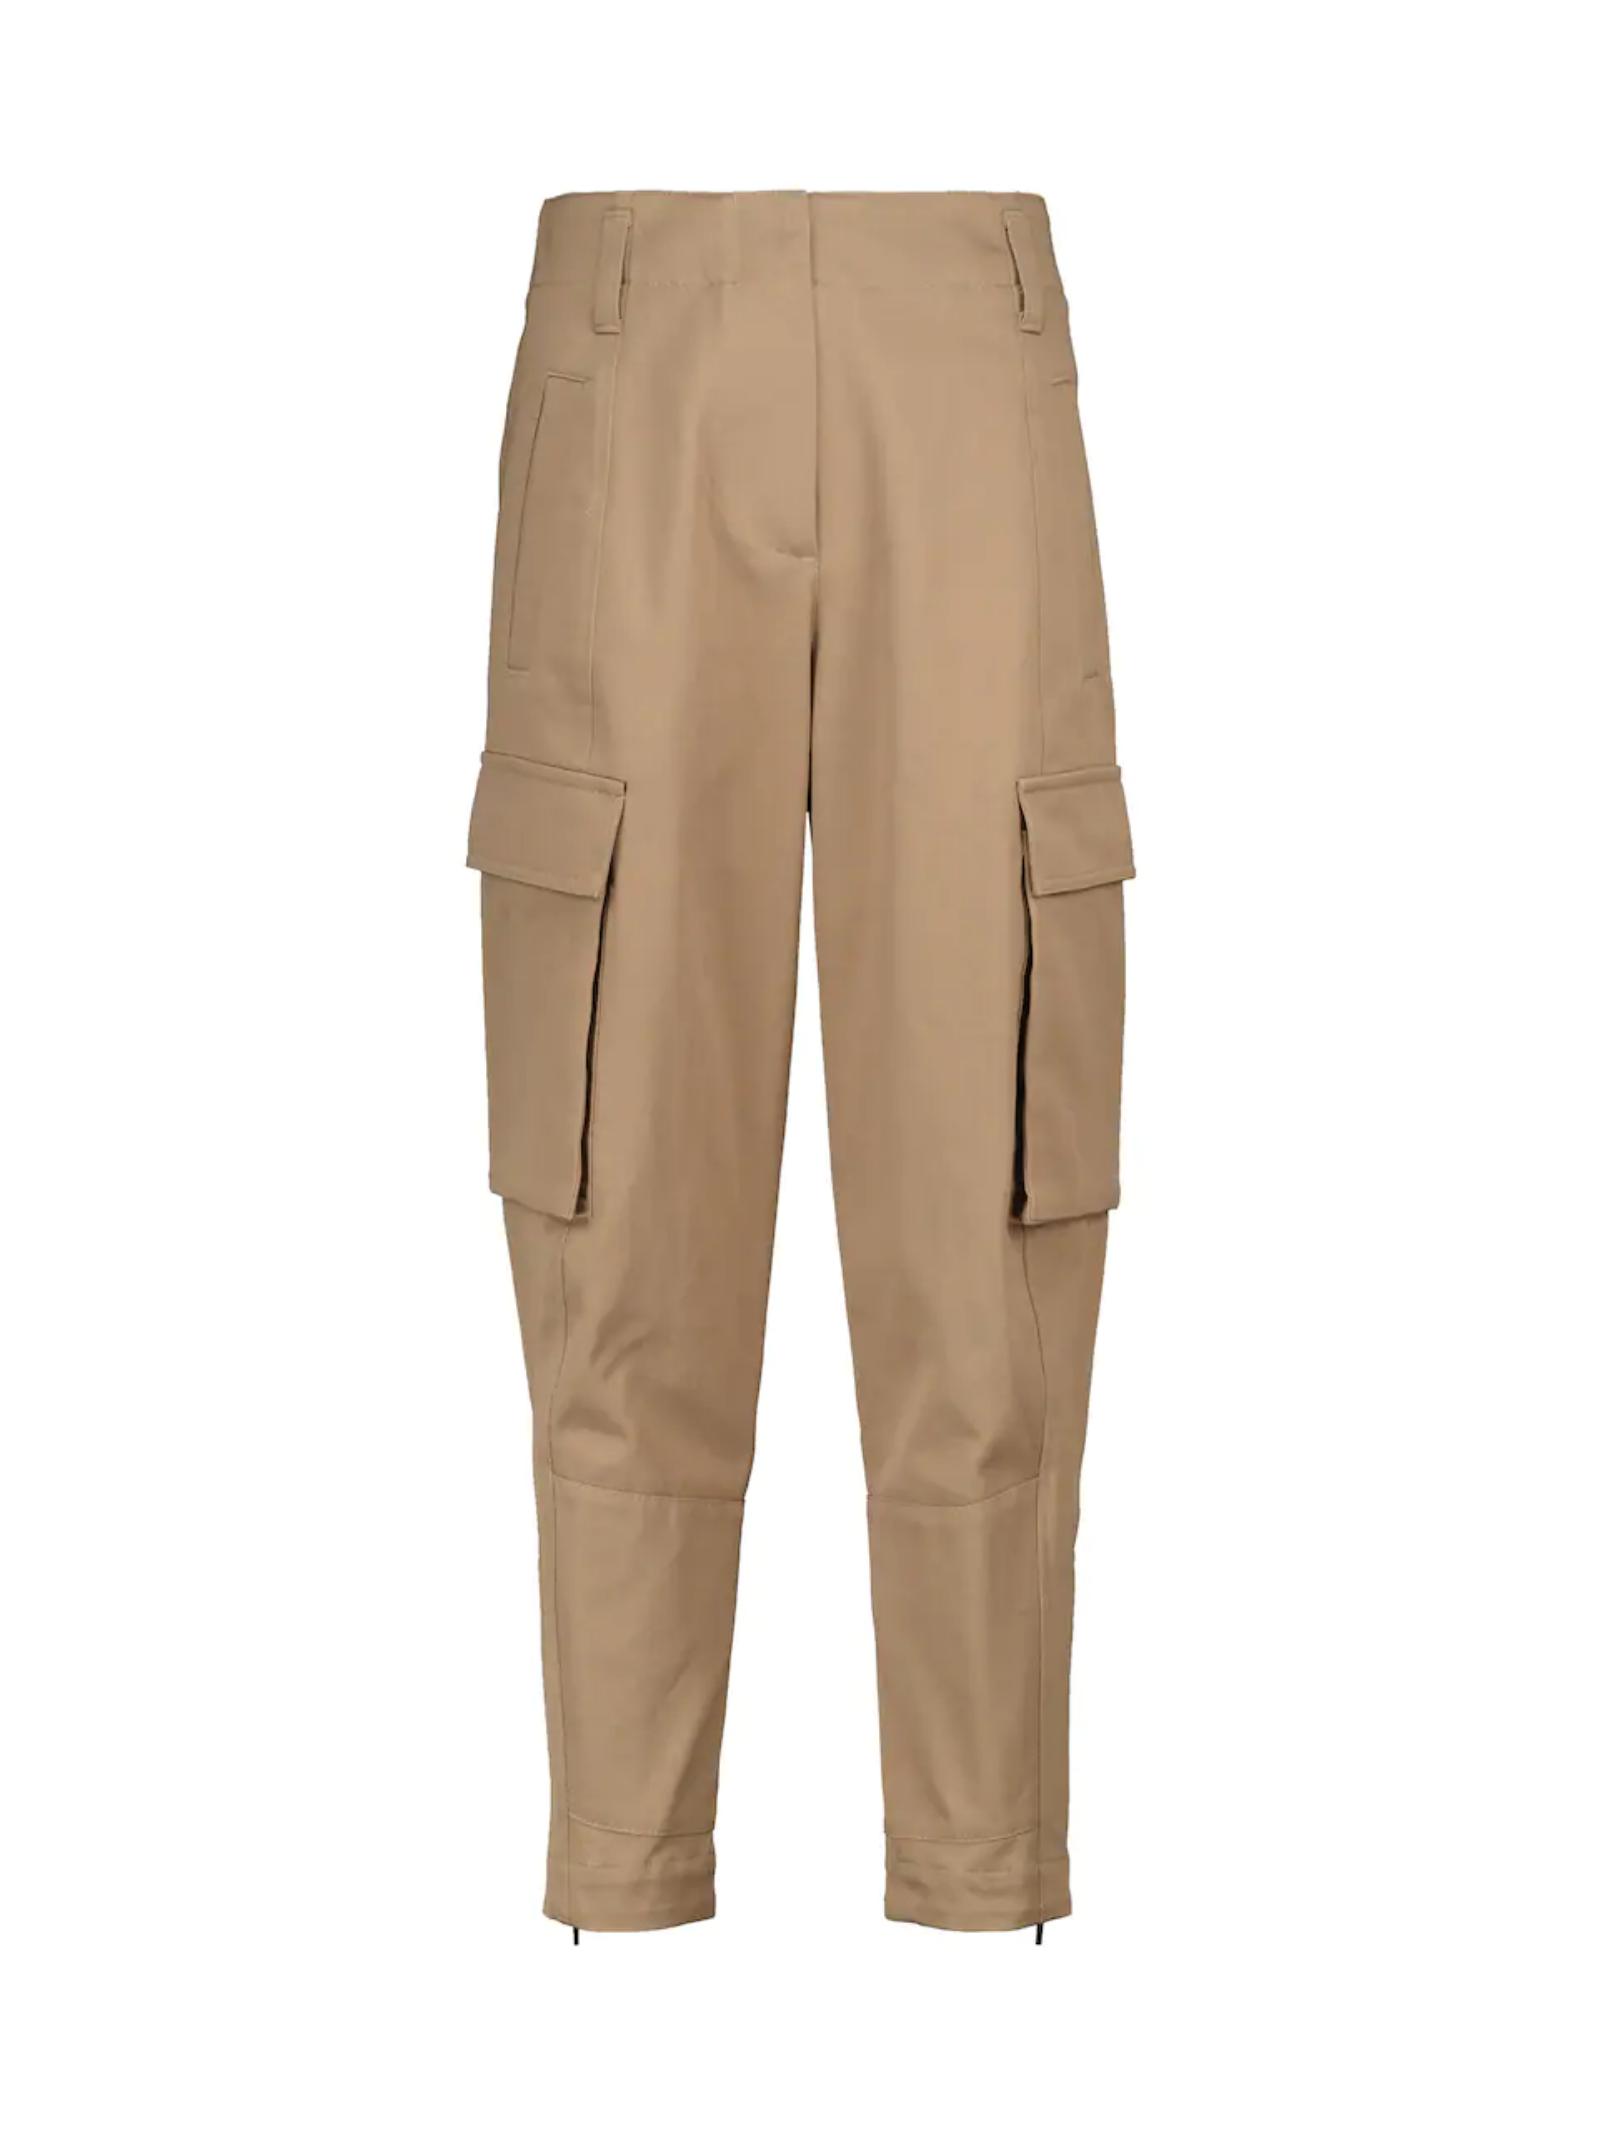 PANTALONE CARGO IN COTONE BRUNELLO CUCINELLI   Pantalone   MB017P7726C7970